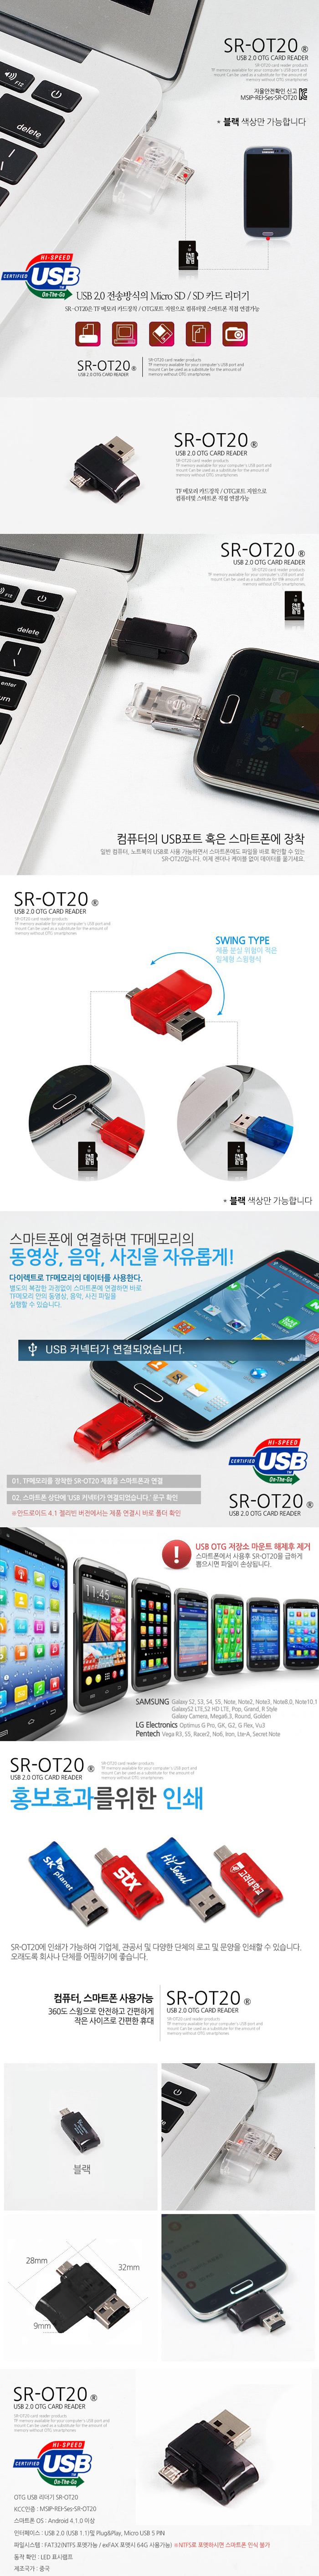 메모렛 스마트 OTG SR-OT20 리더기 - 메모렛, 4,500원, USB제품, USB 메모리 카드리더기